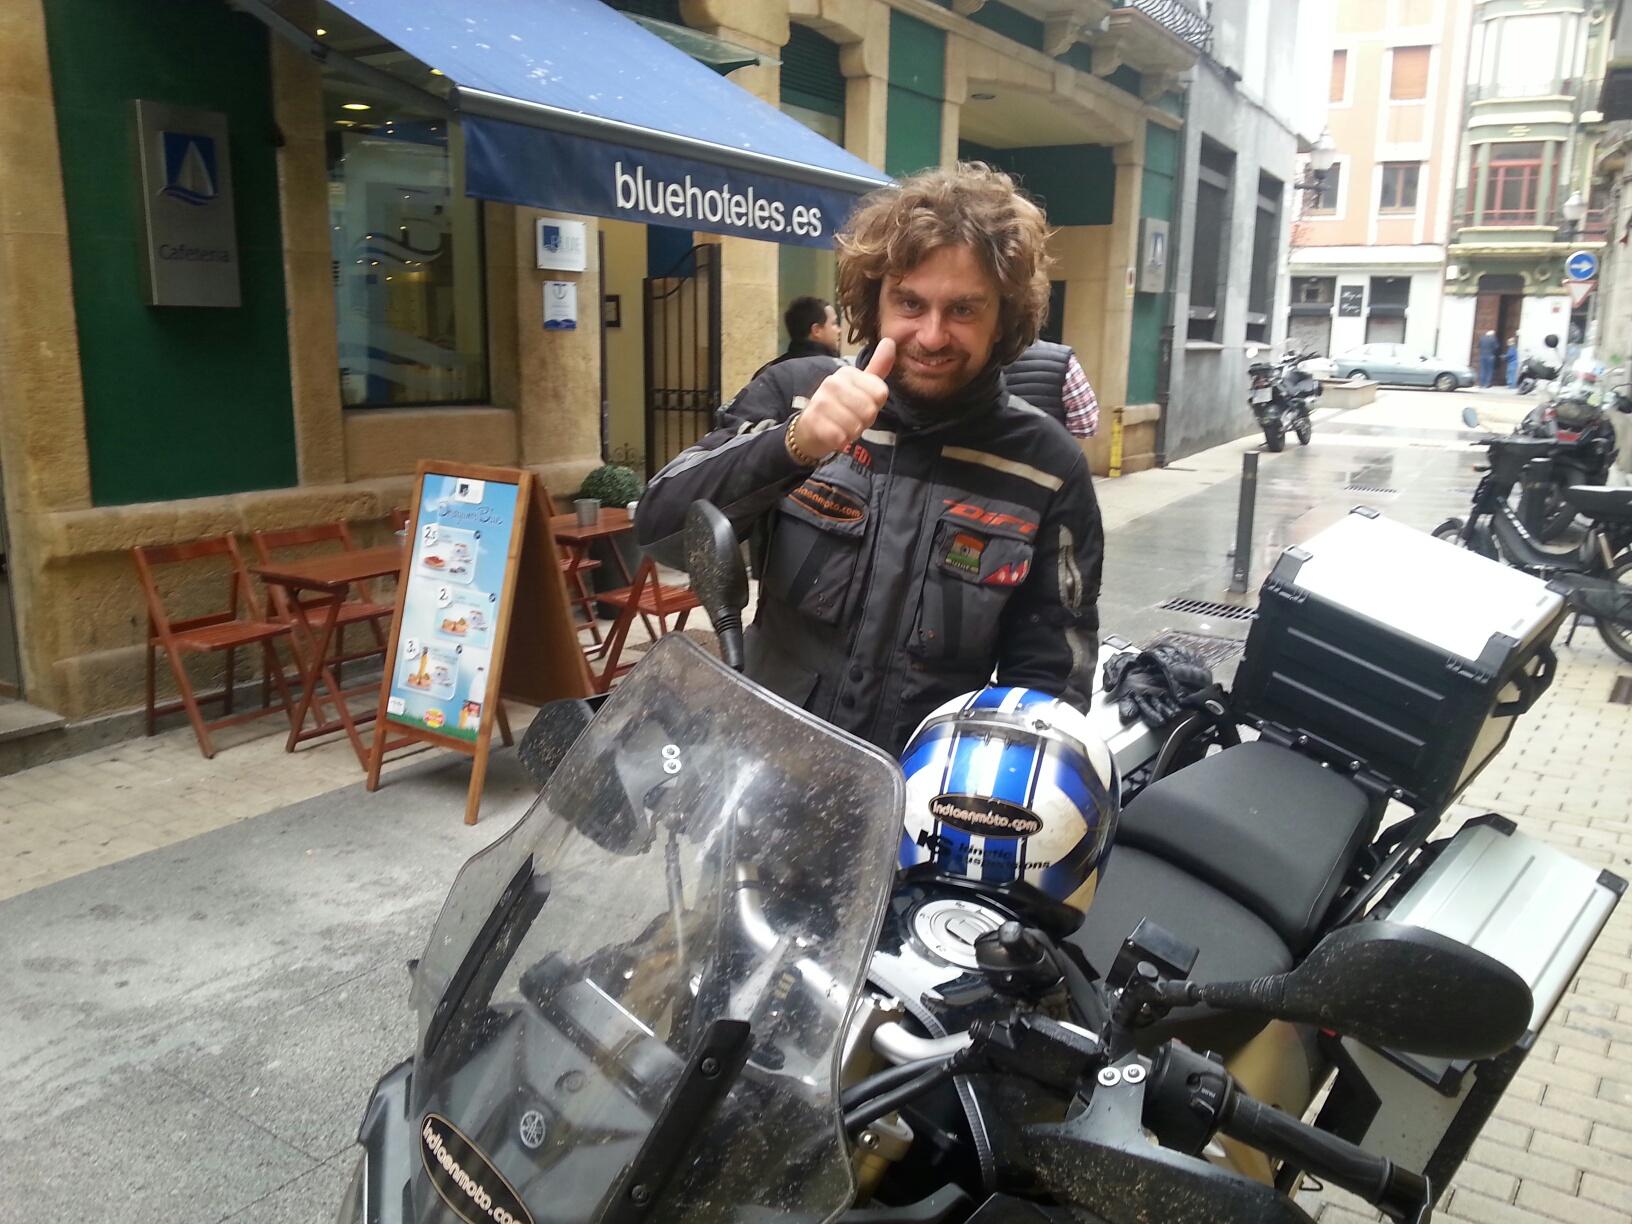 Raul Sanz